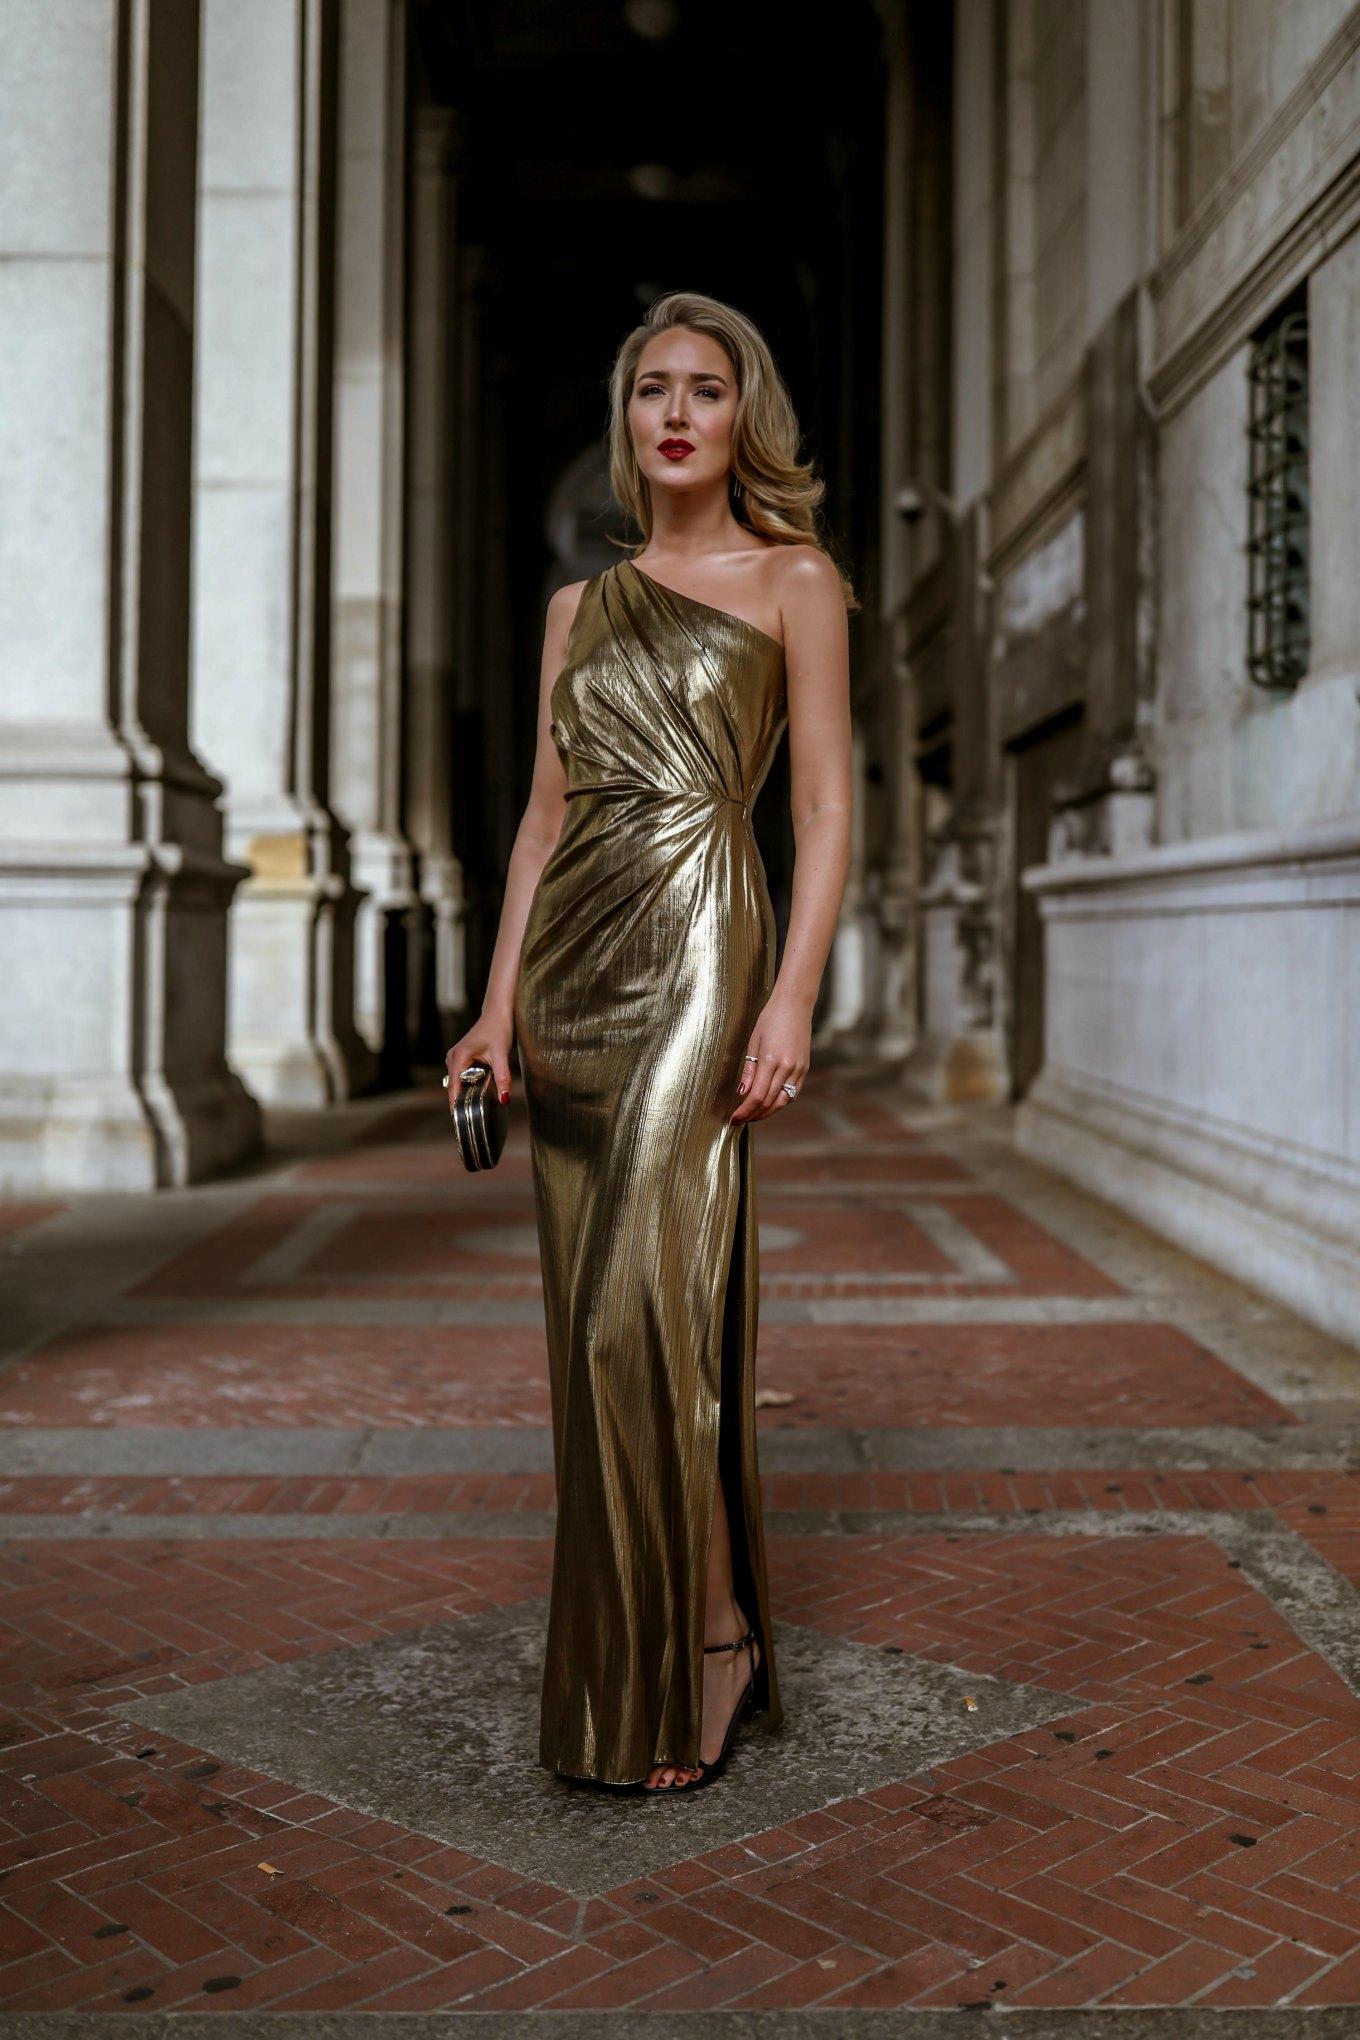 d2df011c5a Vestido de festa 2019  115 modelos para arrasar em ocasiões especiais